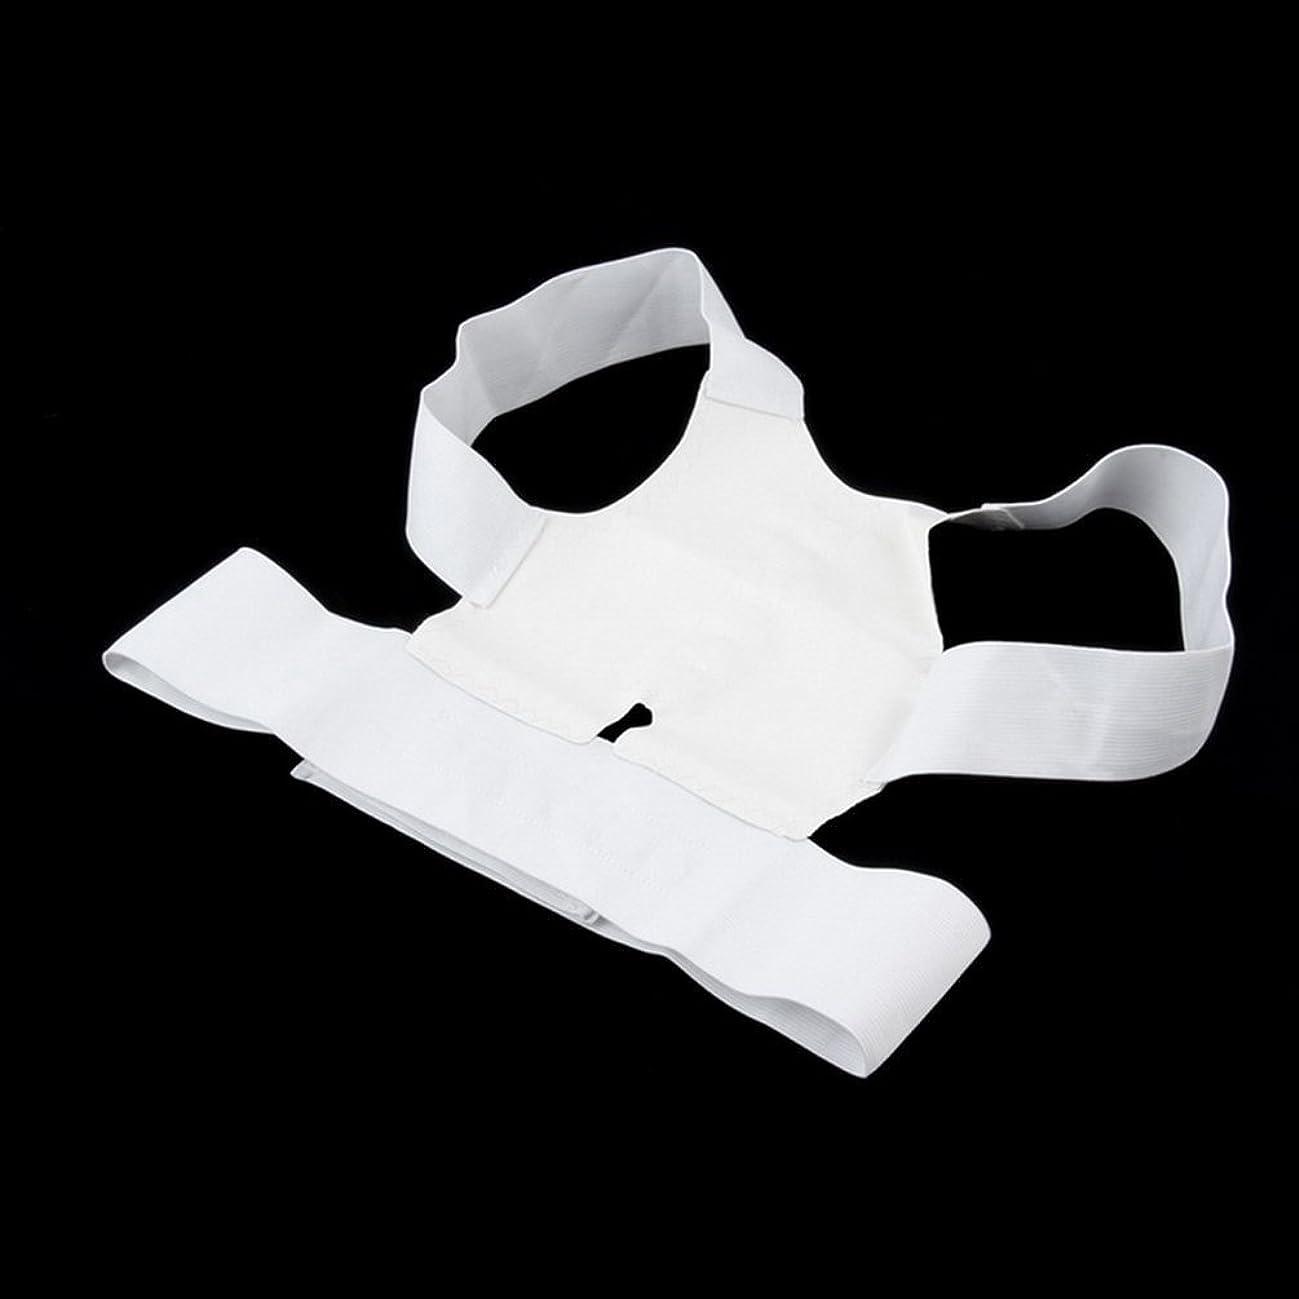 司書締め切り恵み白快適磁気姿勢サポートコレクター腰痛ベルトブレース肩の痛みから病気 - 白